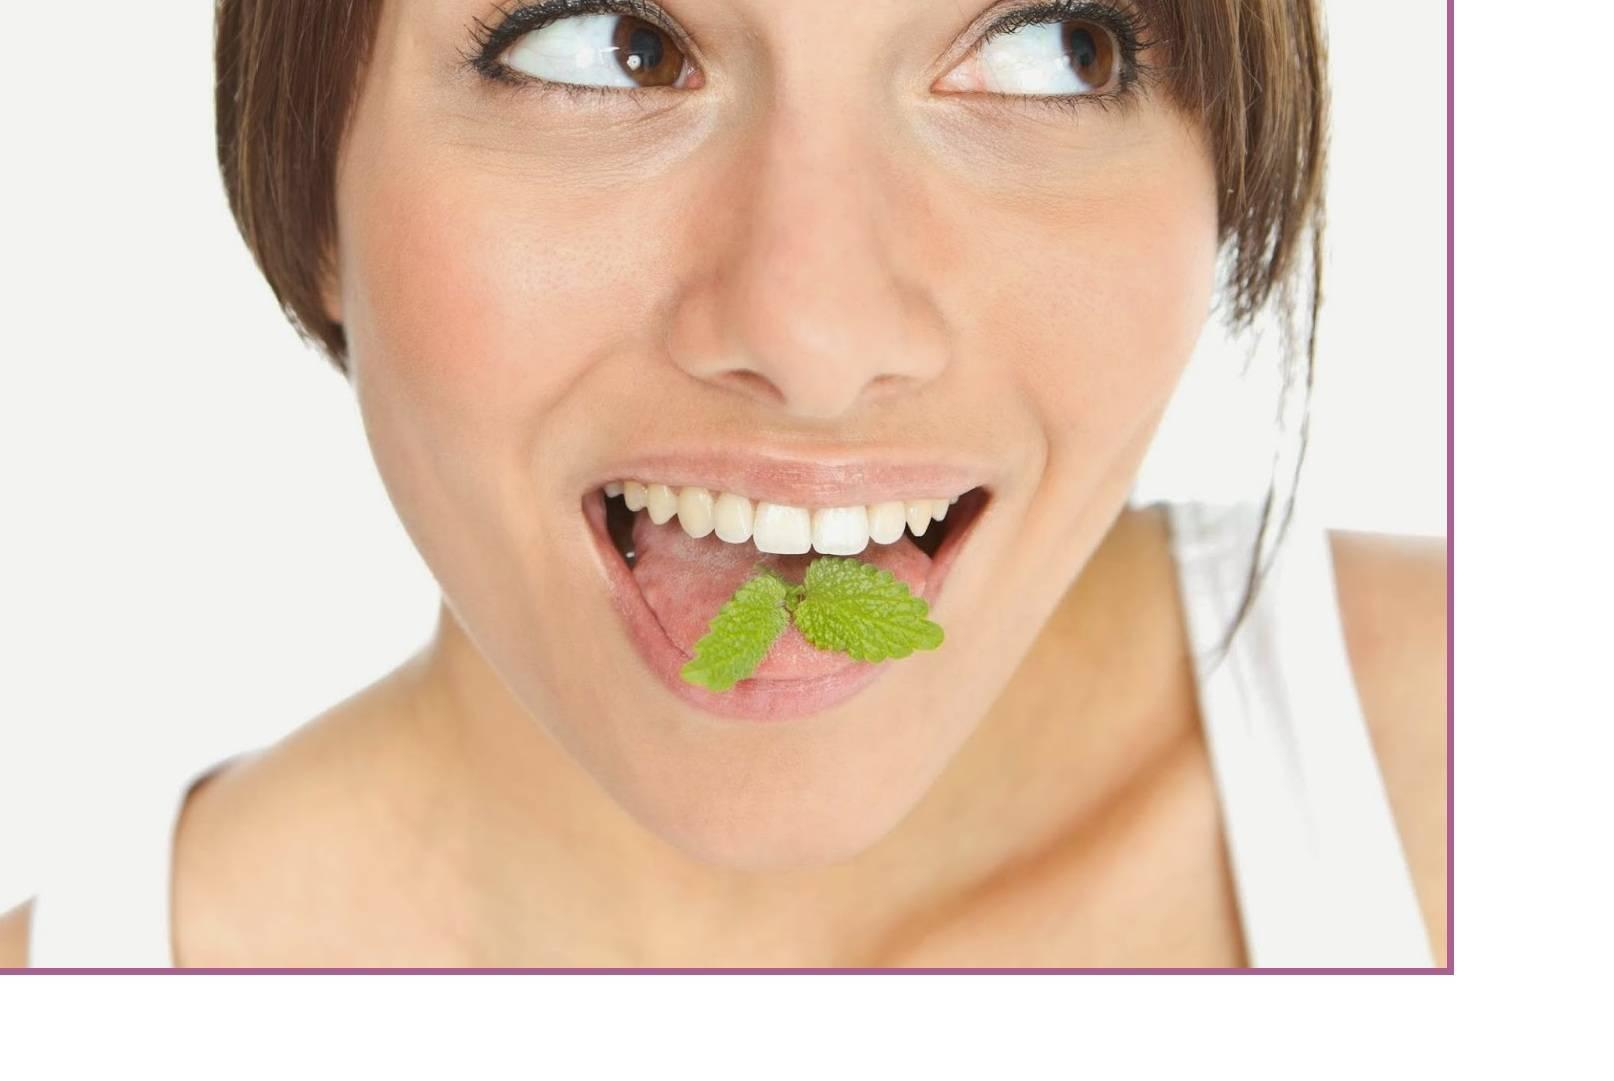 Как лечить запах изо рта народными средствами у взрослых людей